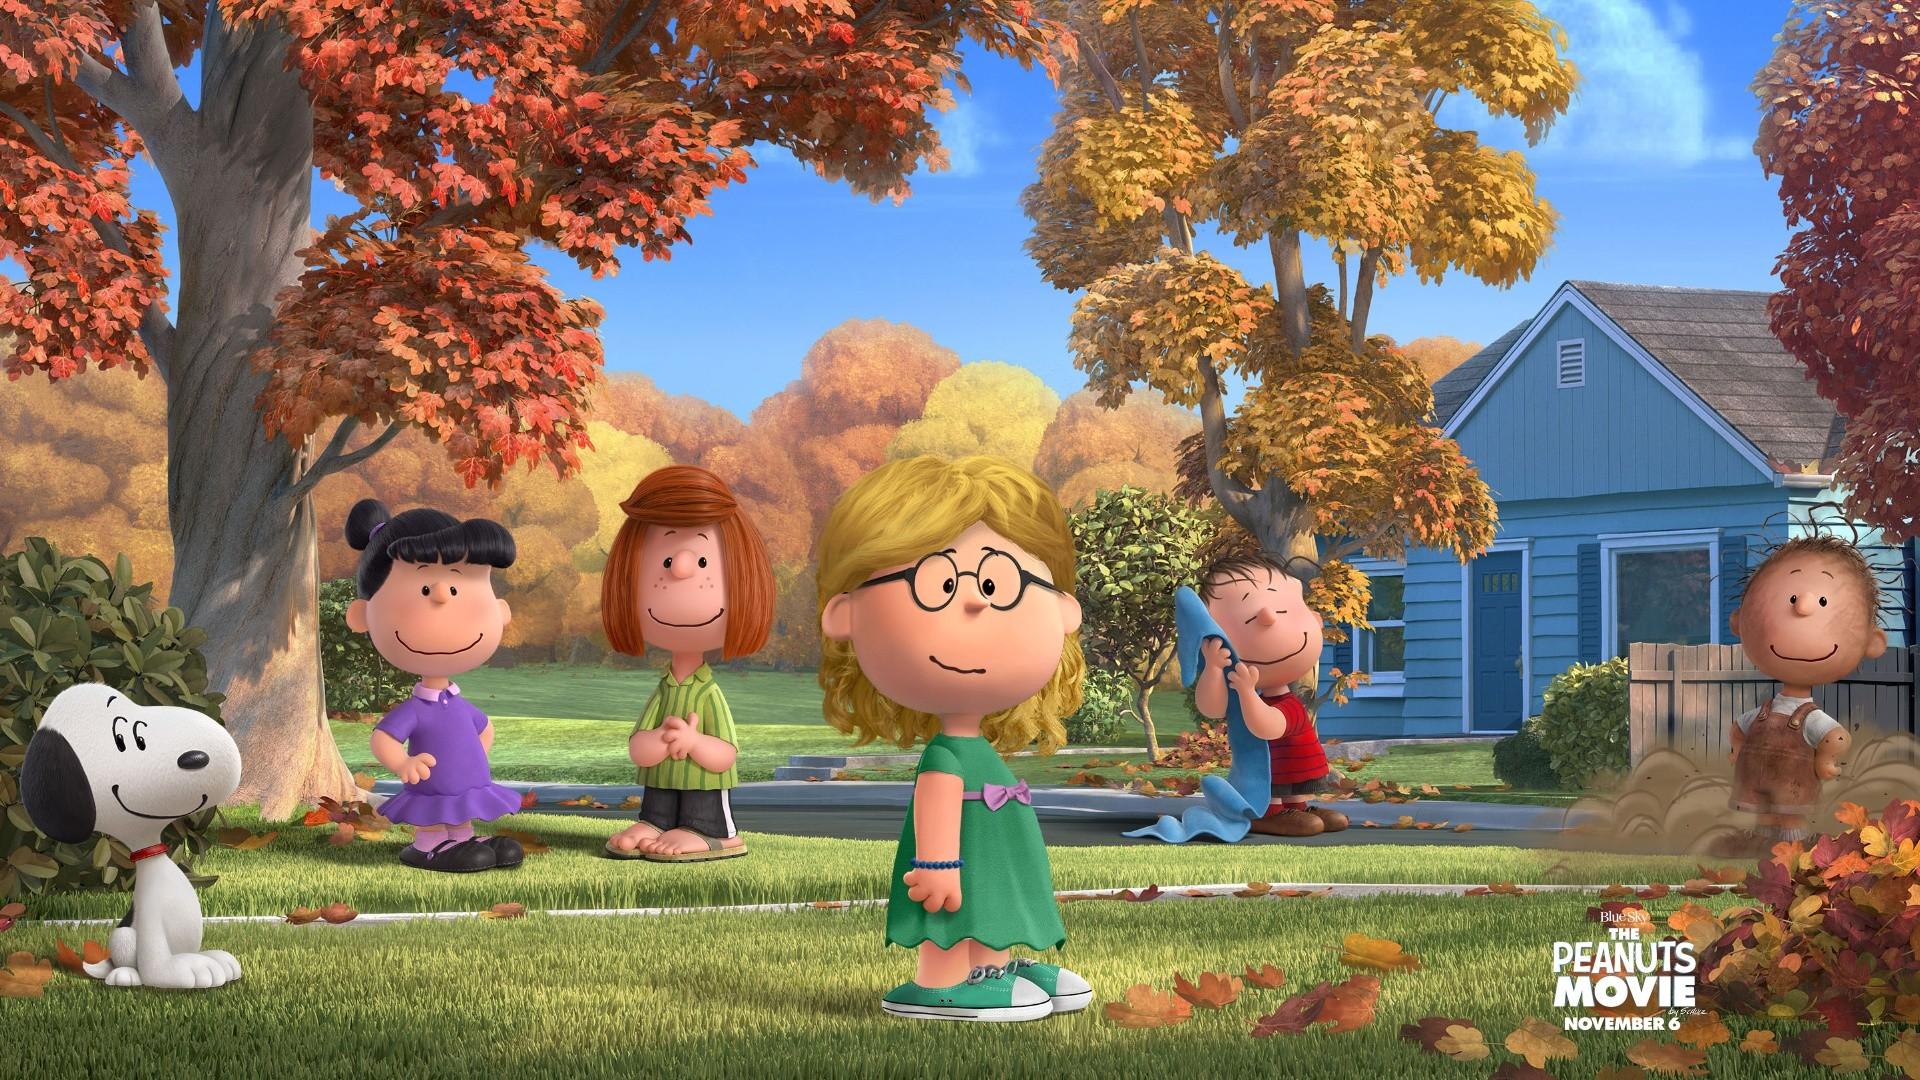 子供のための秋の背景 ピーナッツの壁紙 19x1080 Wallpapertip